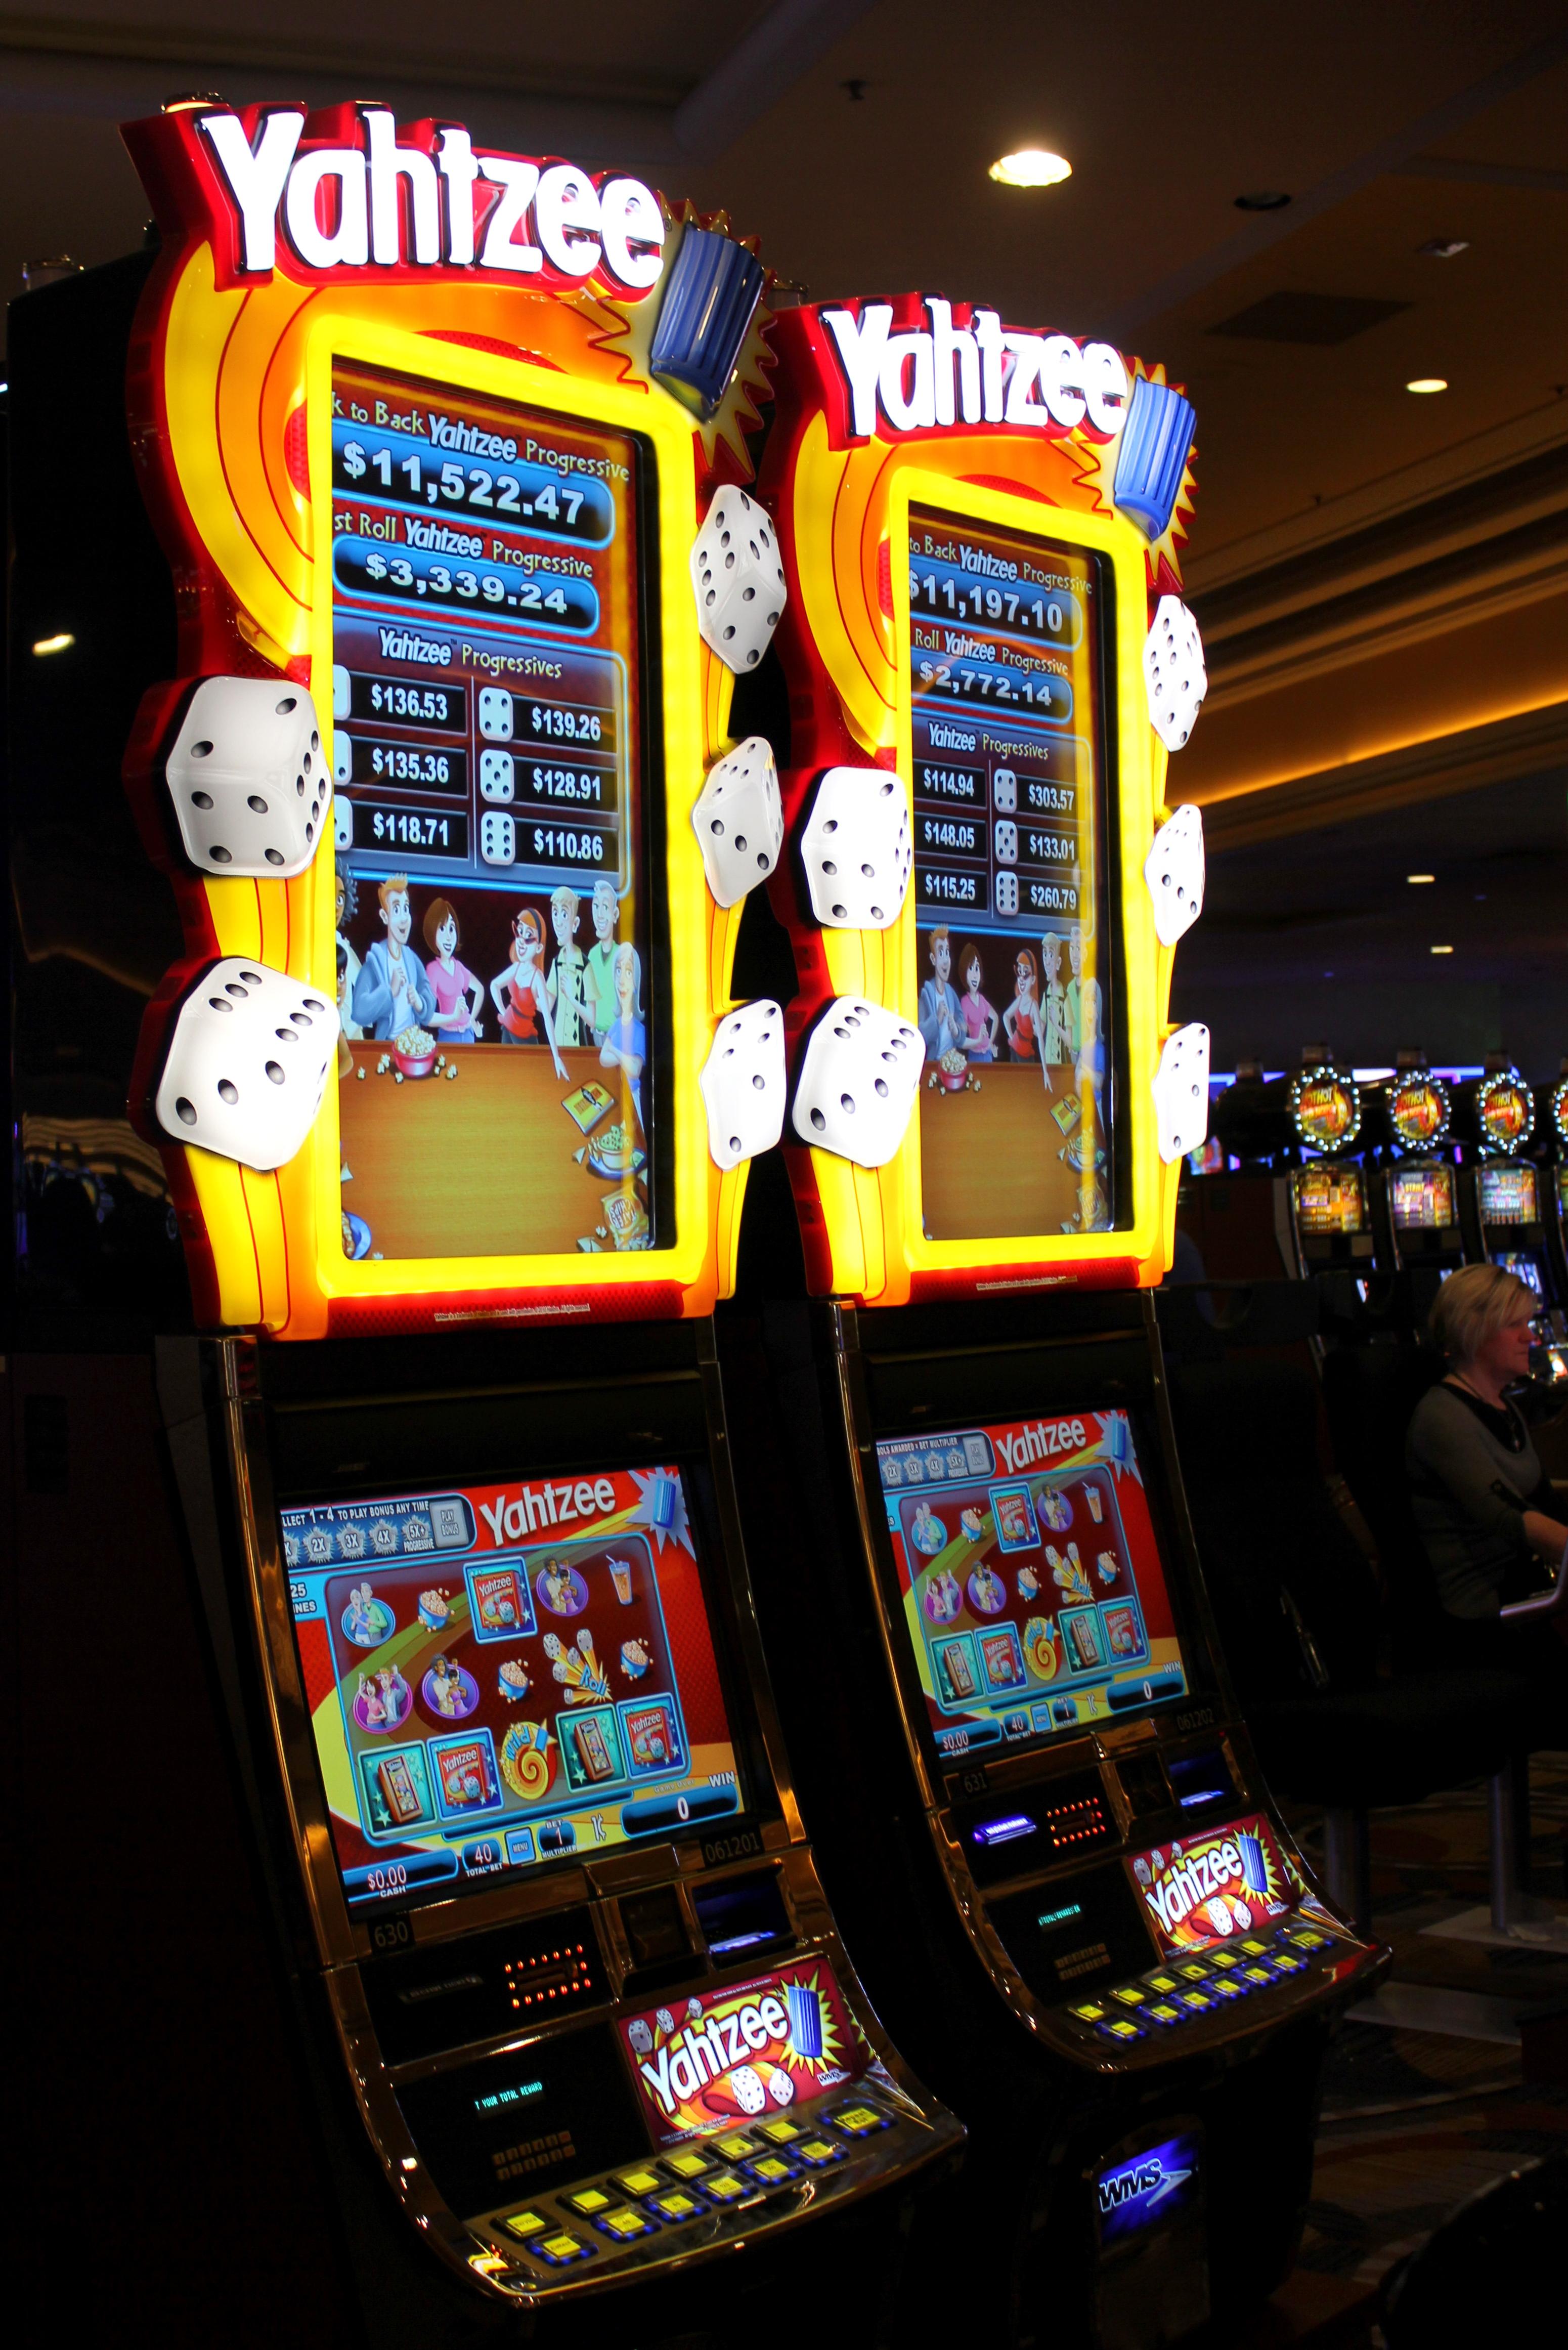 фото С онлайн выплатами казино быстрыми